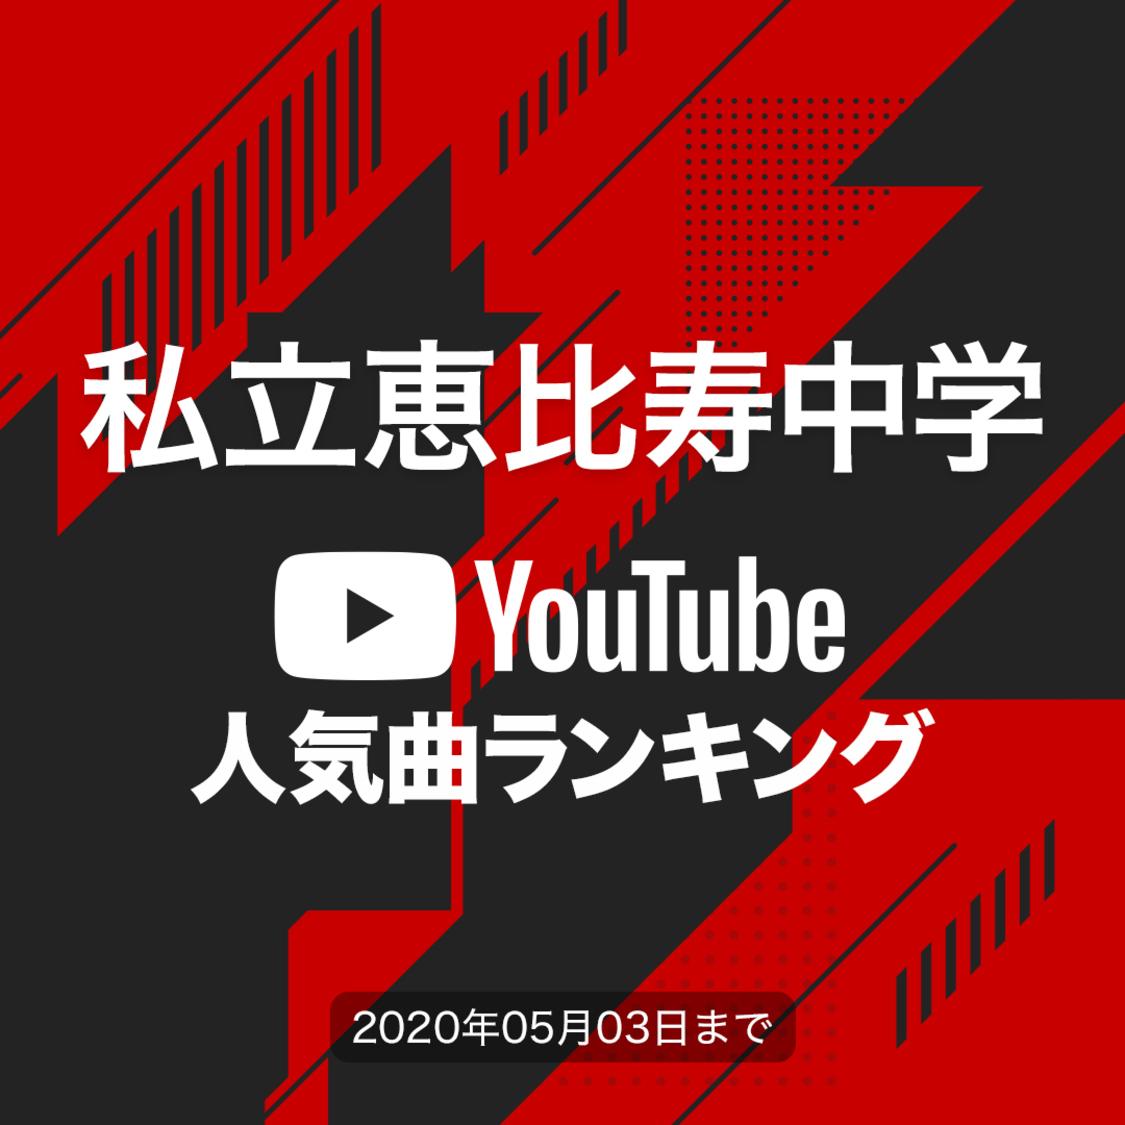 私立恵比寿中学[YouTube人気曲ランキング]再生回数が1番多い曲は?